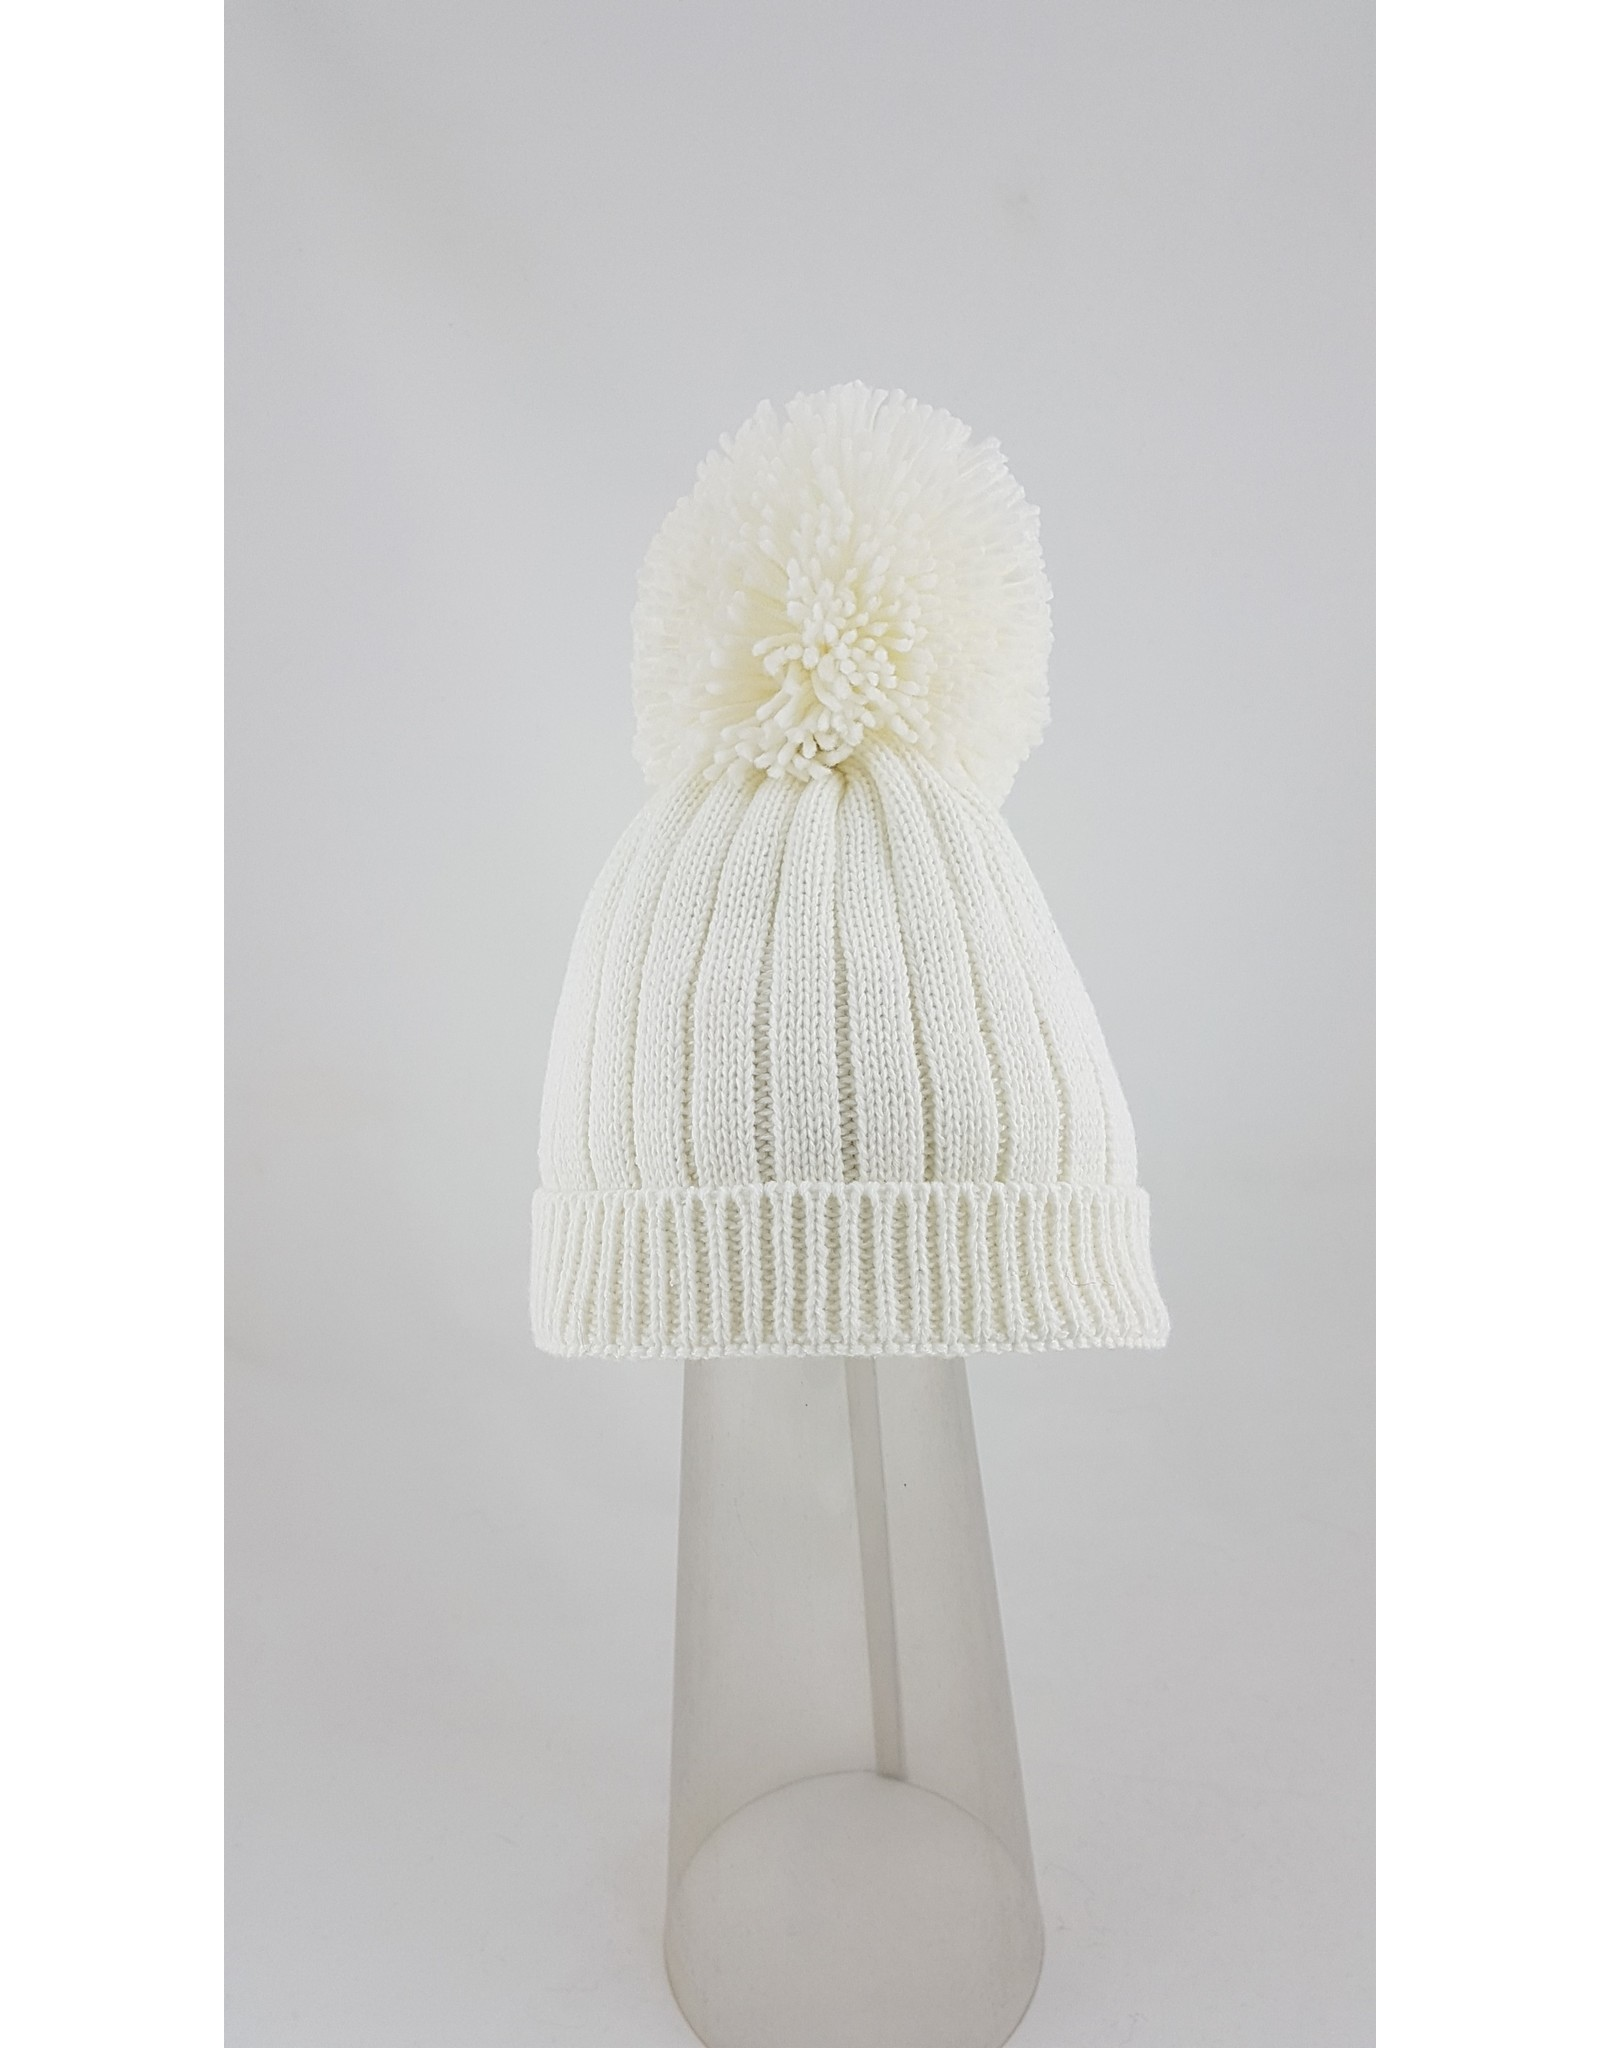 Pesci Pesci Pom Pom Hat-White